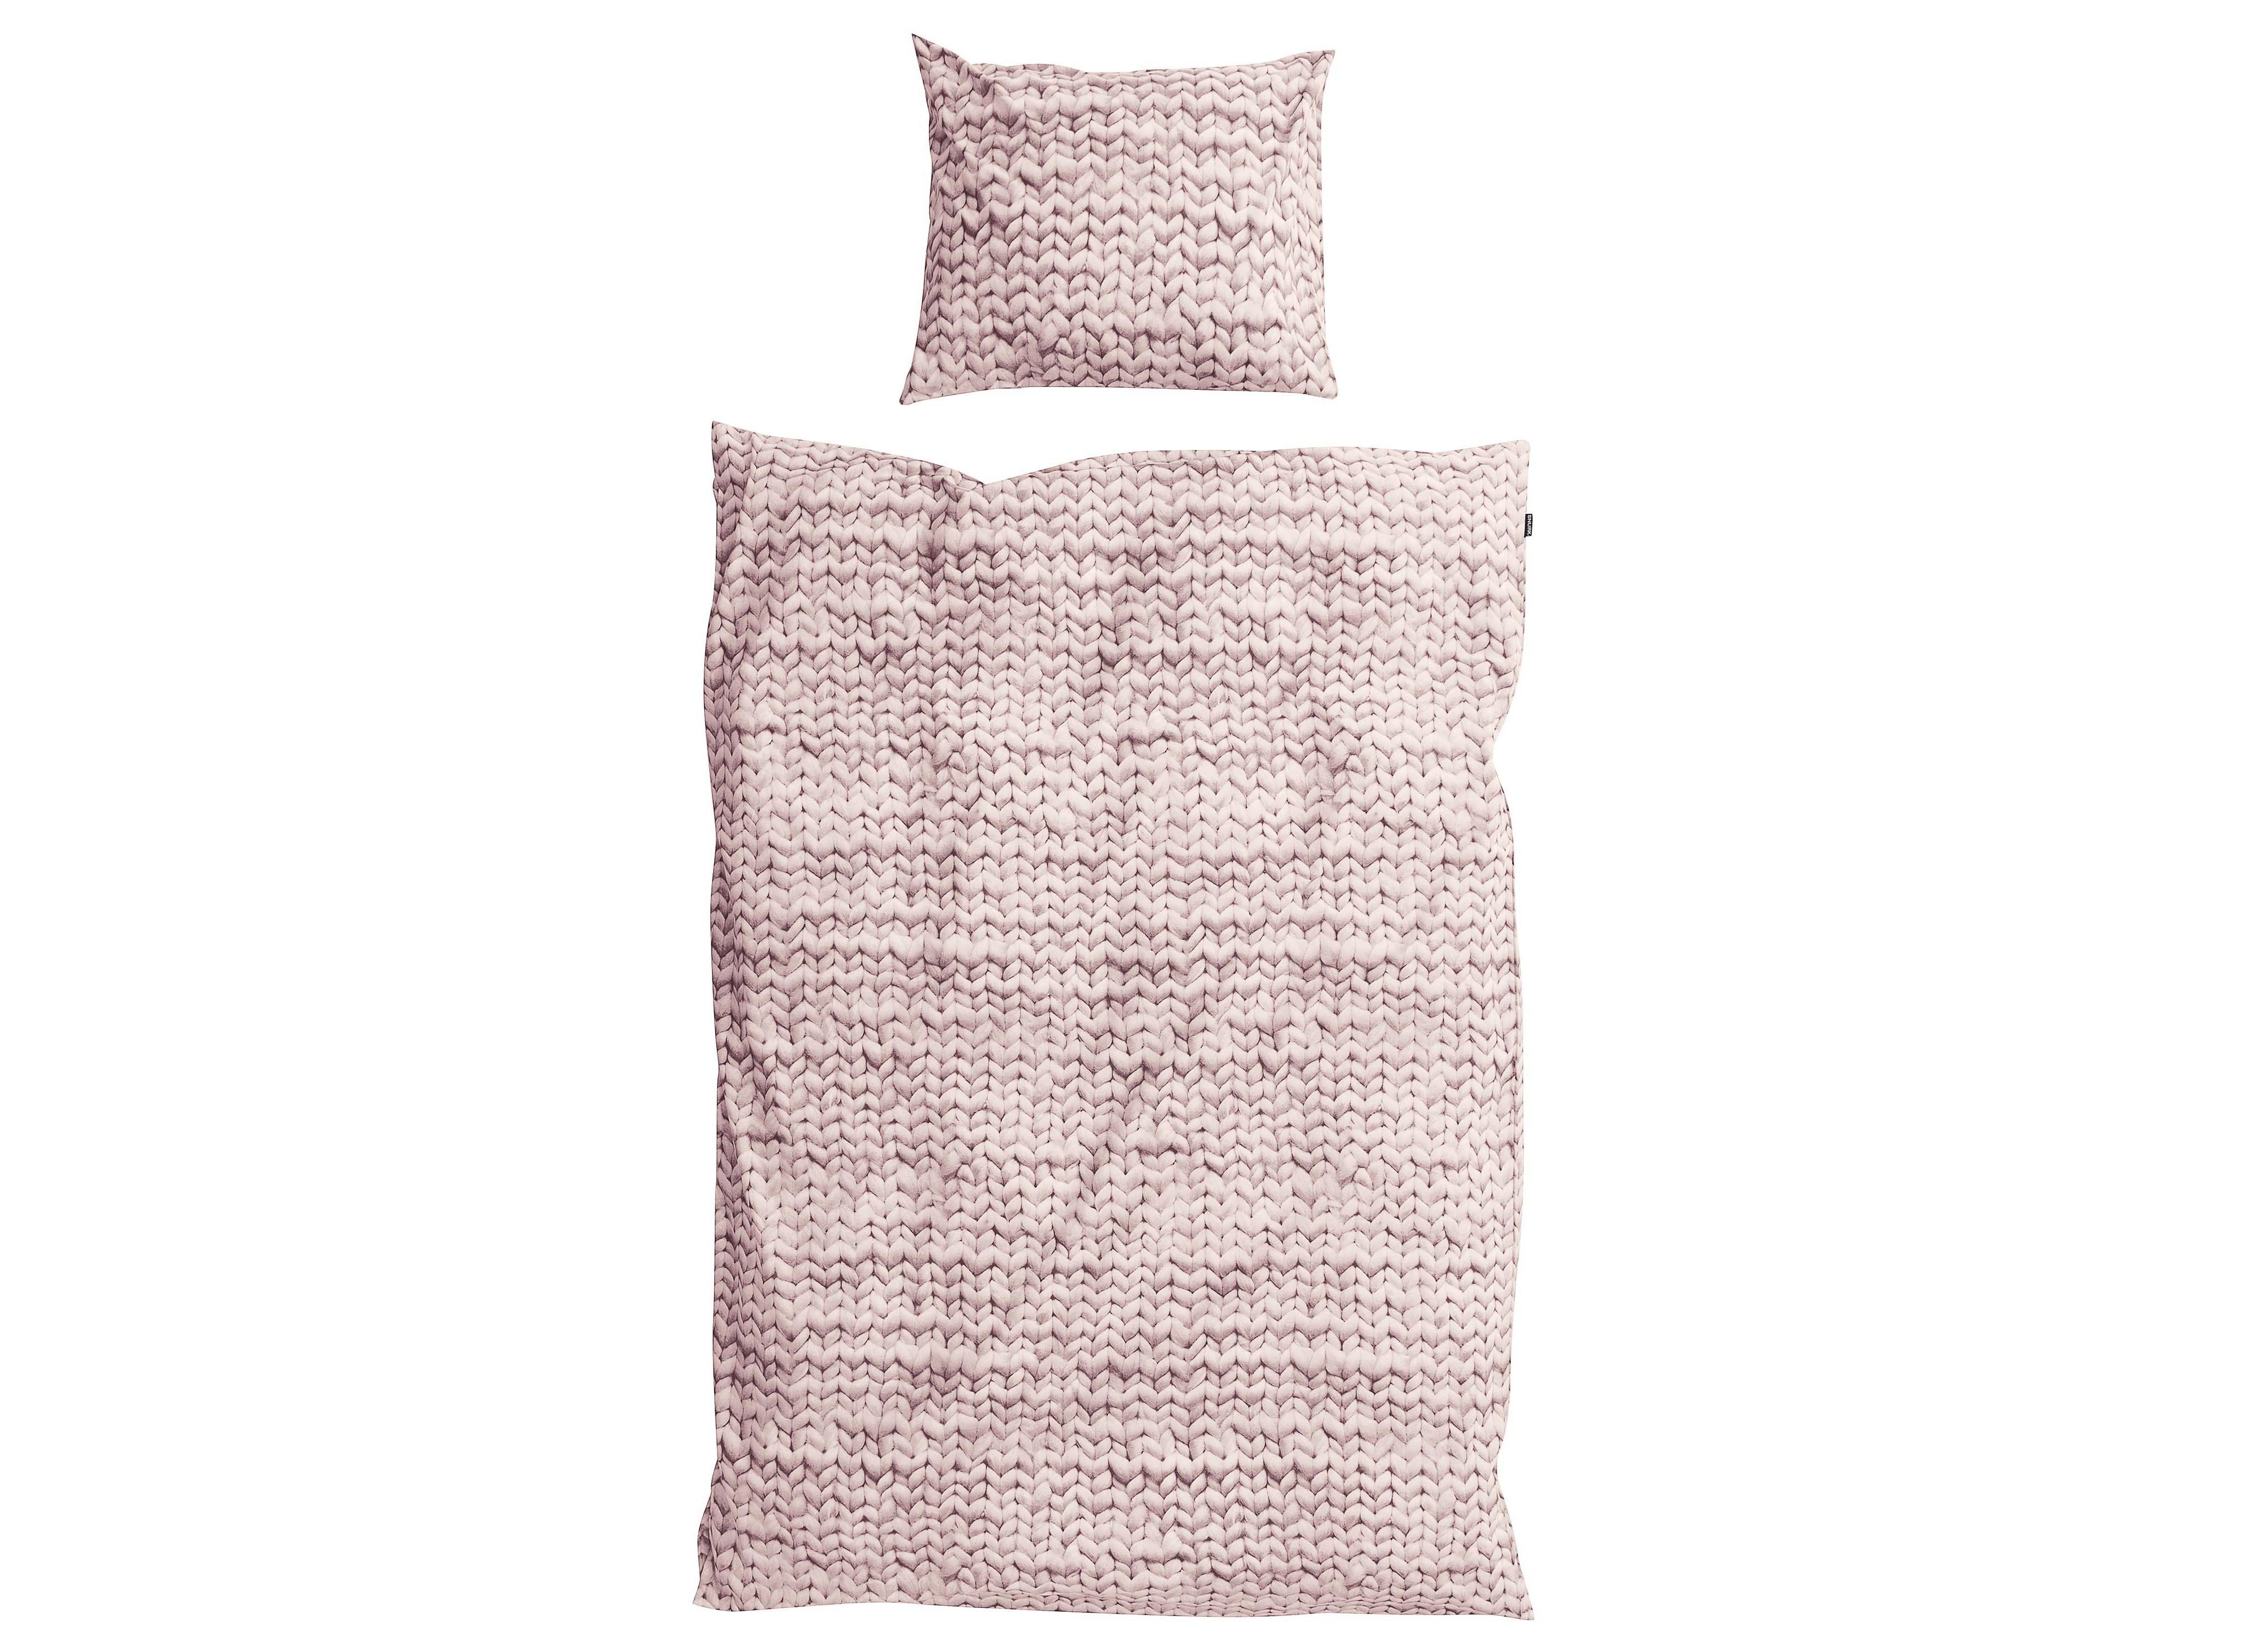 Комплект постельного белья Косичка розовый ФЛАНЕЛЬПолутороспальные комлпекты постельного белья<br>Этот мягкий узор связан очень большими спицами, а клубки шерсти были размером с баскетбольные мячи. Все для того, что бы внести уют и тепло в вашу спальню в холодные зимние ночи.&amp;amp;nbsp;&amp;lt;div&amp;gt;&amp;lt;br&amp;gt;&amp;lt;/div&amp;gt;&amp;lt;div&amp;gt;В комплект входит: пододеяльник 150х200 см - 1 шт, наволочка 50х70 см - 1 шт.&amp;lt;/div&amp;gt;<br><br>Material: Текстиль<br>Length см: 200<br>Width см: 150